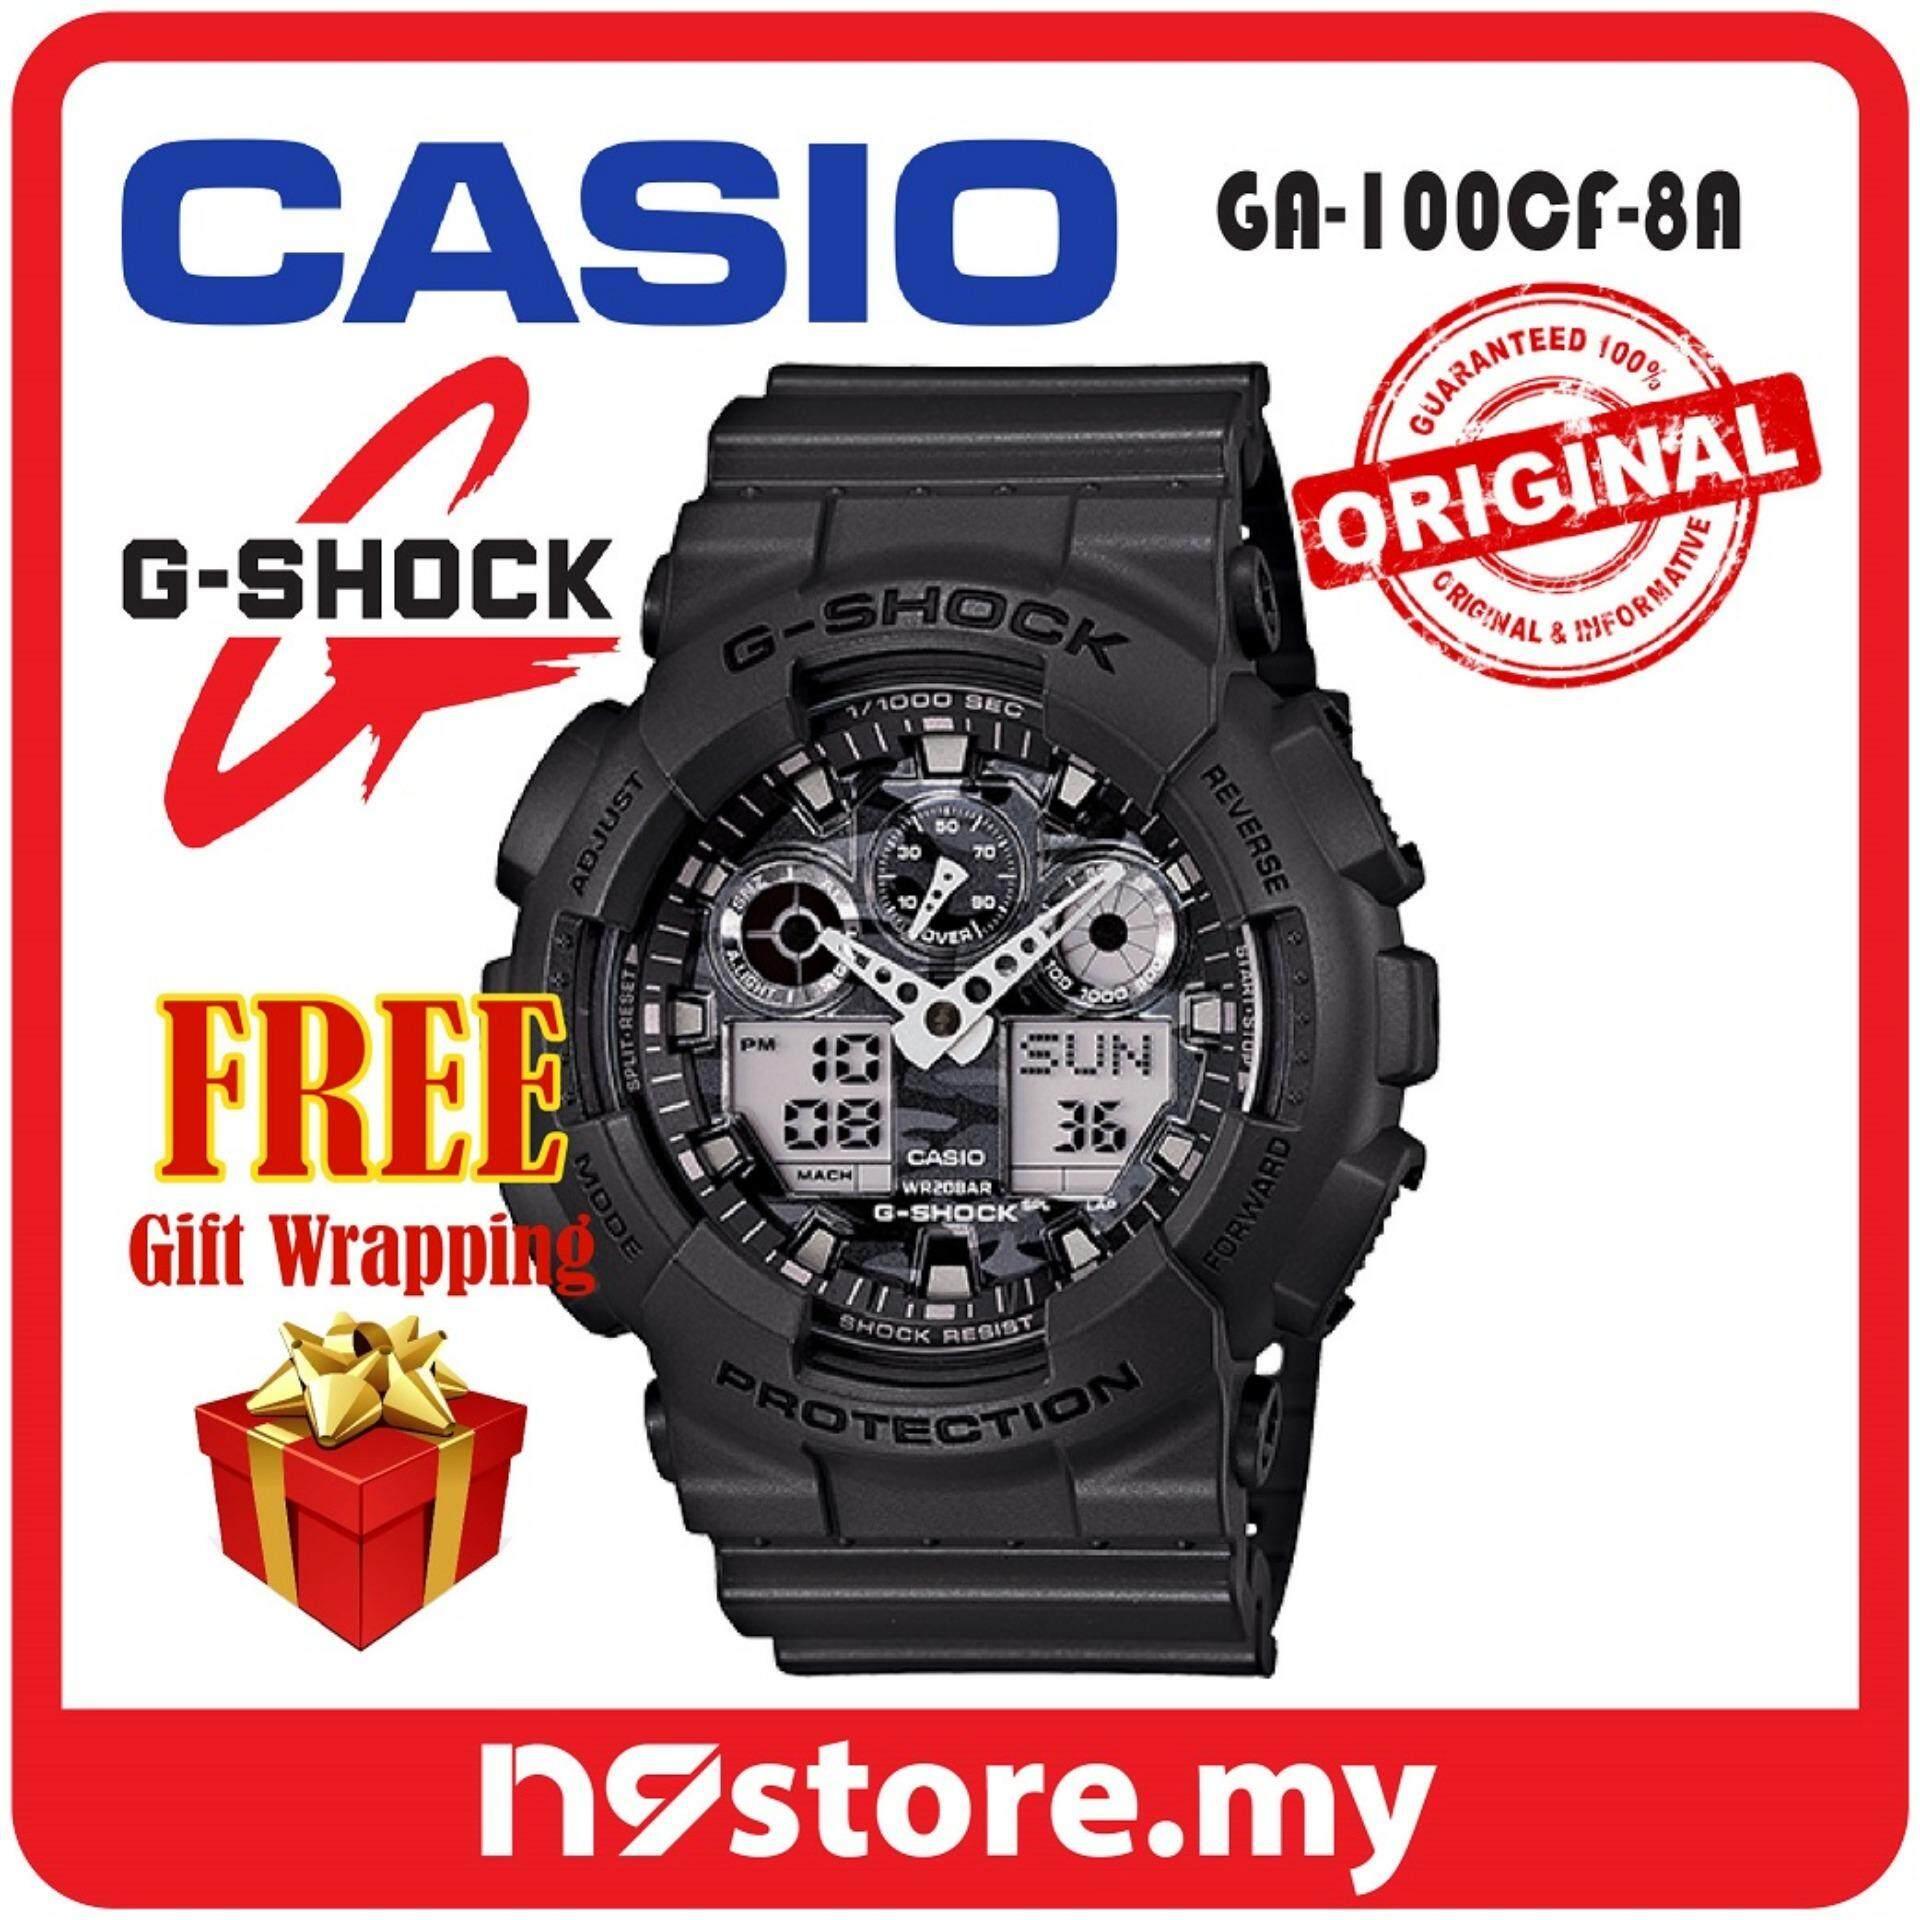 Casio G-Shock GA-100CF-8A Analog Digital Sports Watch